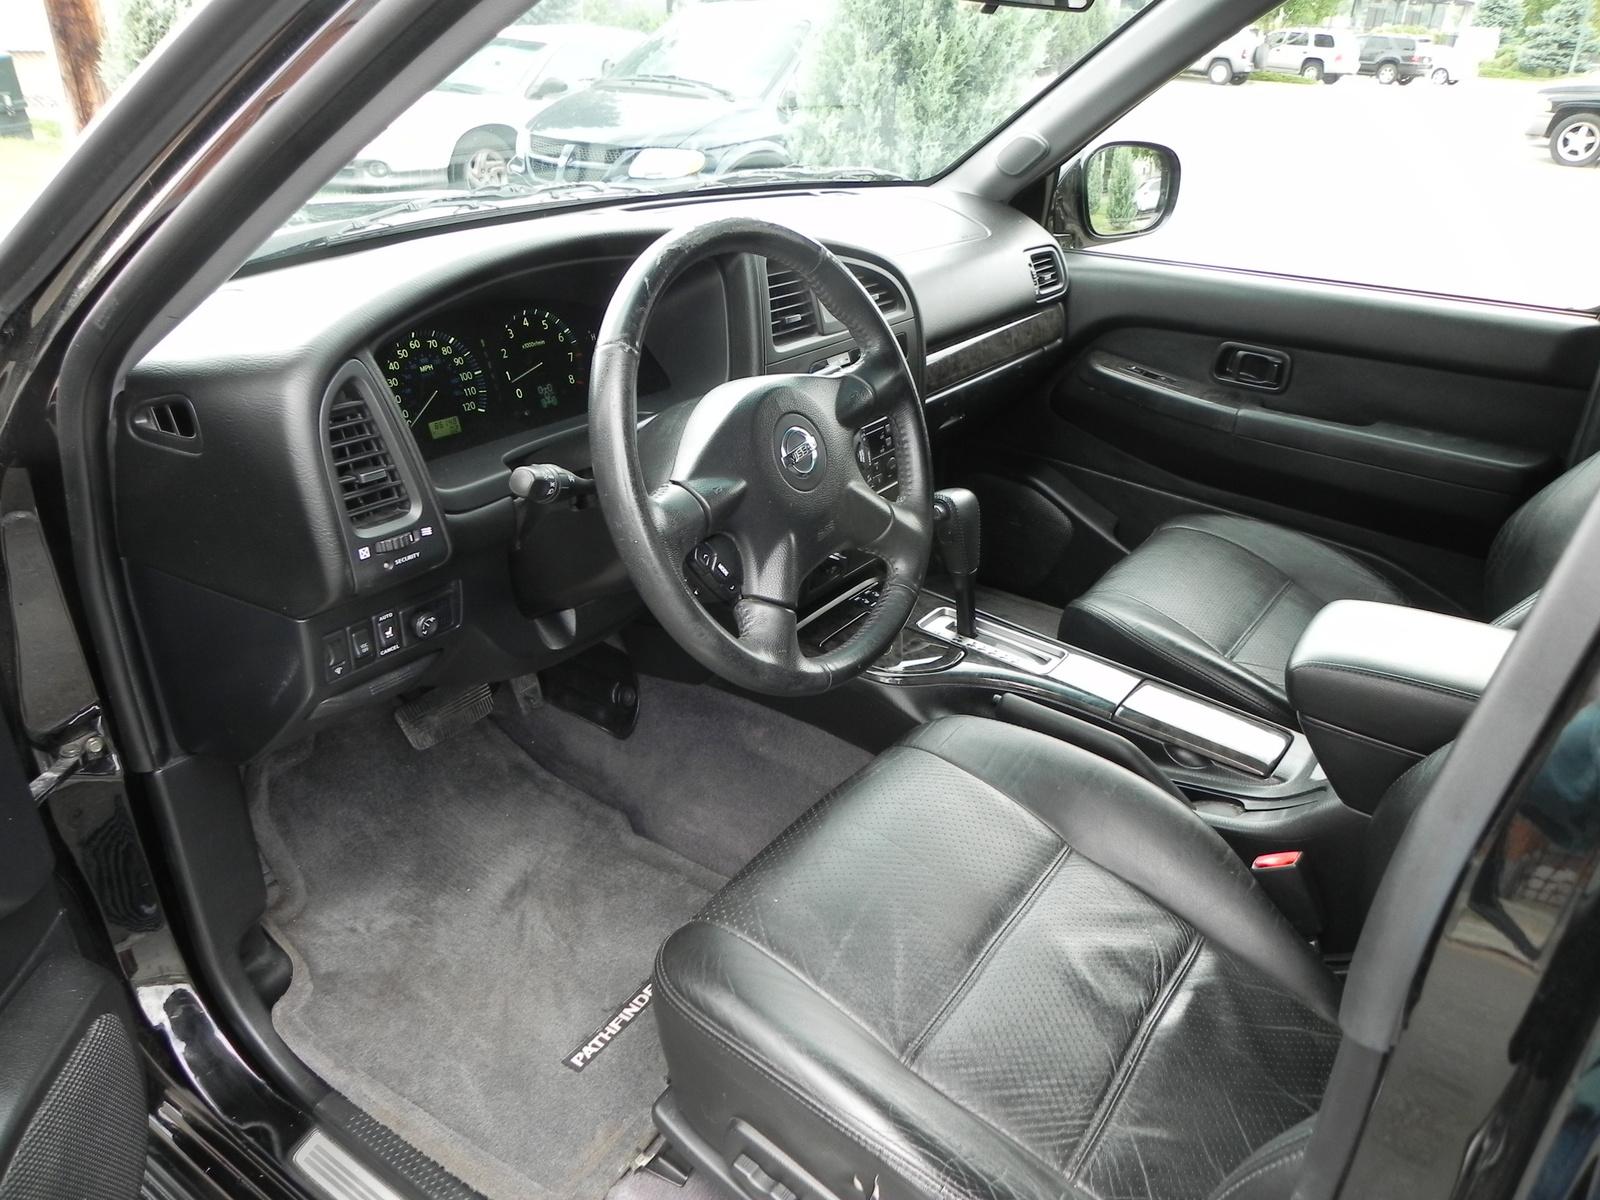 2004 nissan pathfinder interior photos for 2004 nissan pathfinder interior